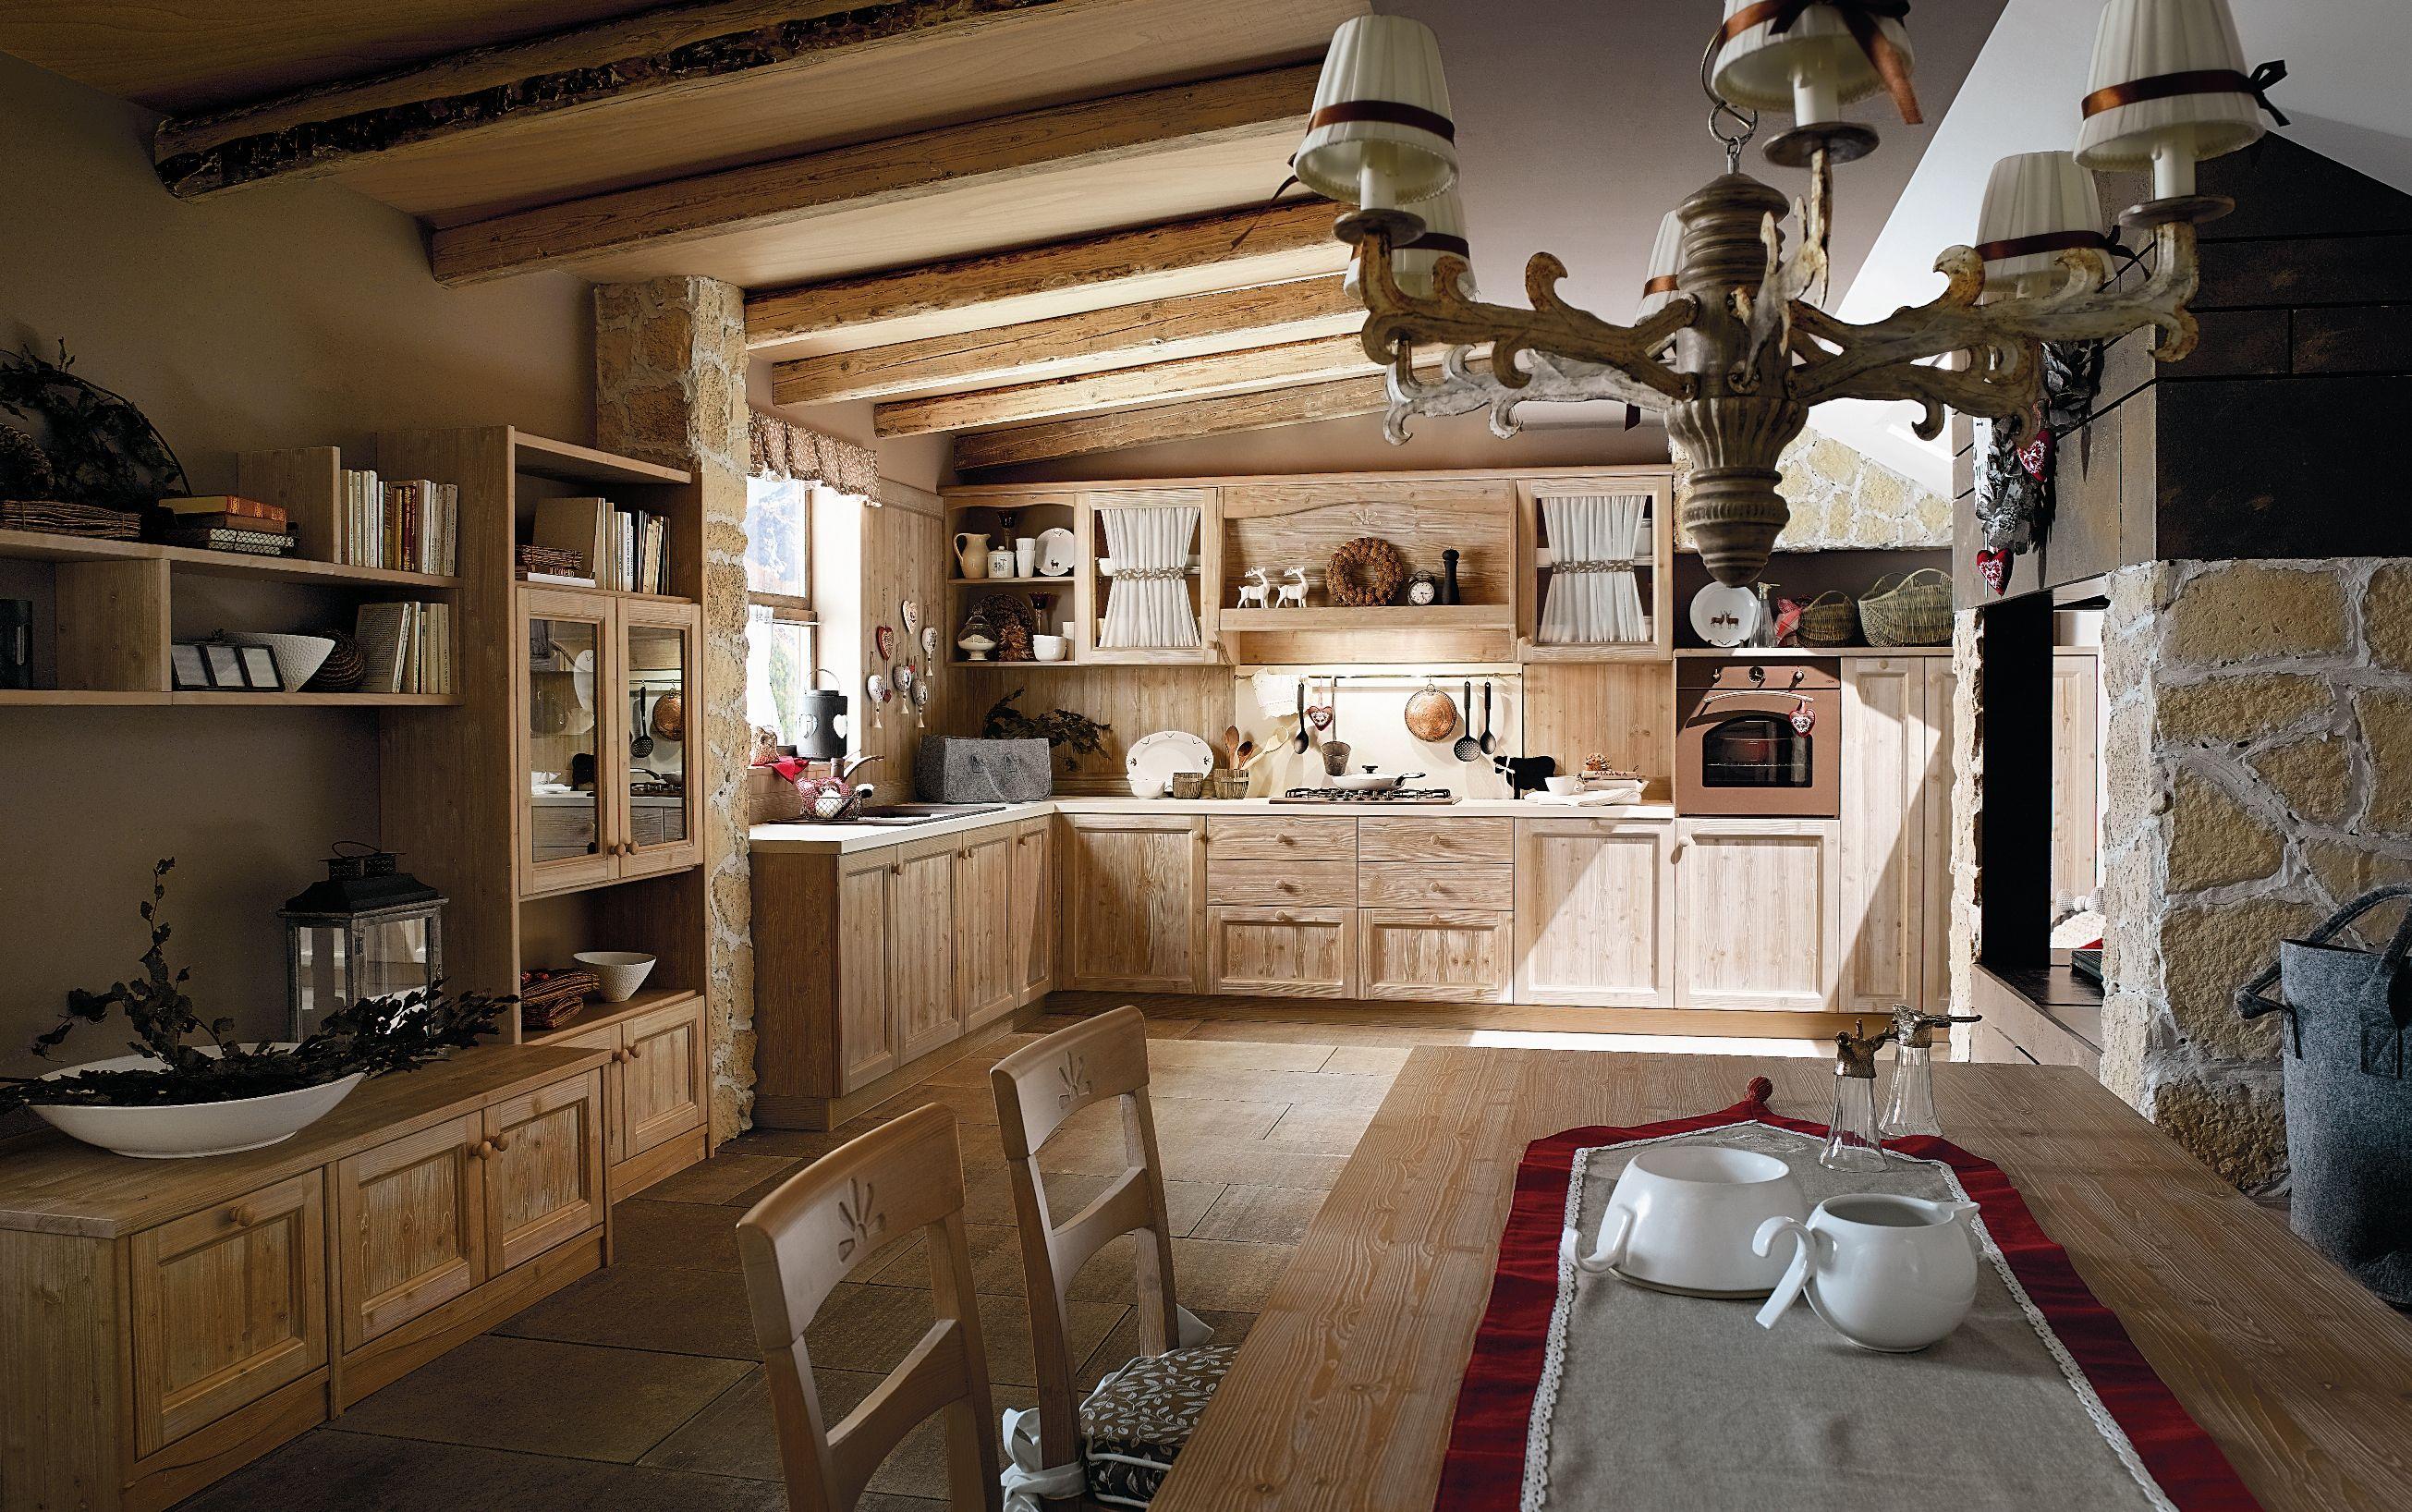 Every day cucina by callesella arredamenti s r l for Arredamenti legno